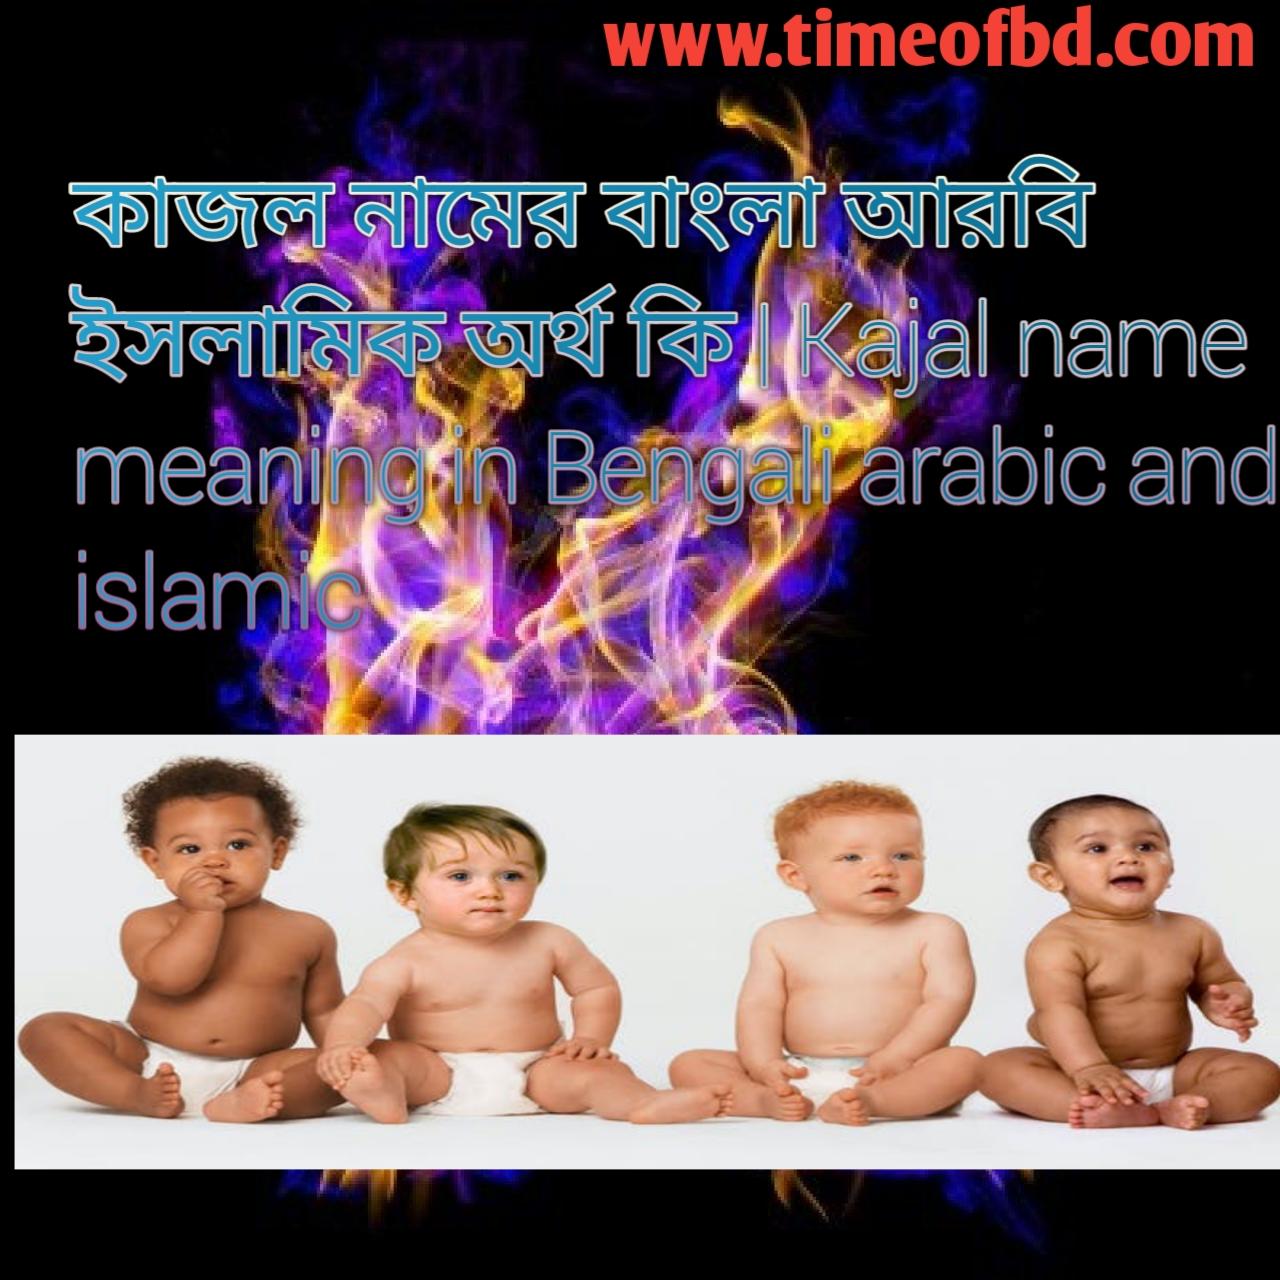 কাজল নামের অর্থ কি, কাজল নামের বাংলা অর্থ কি, কাজল নামের ইসলামিক অর্থ কি, Kajal name meaning in Bengali, কাজল কি ইসলামিক নাম,